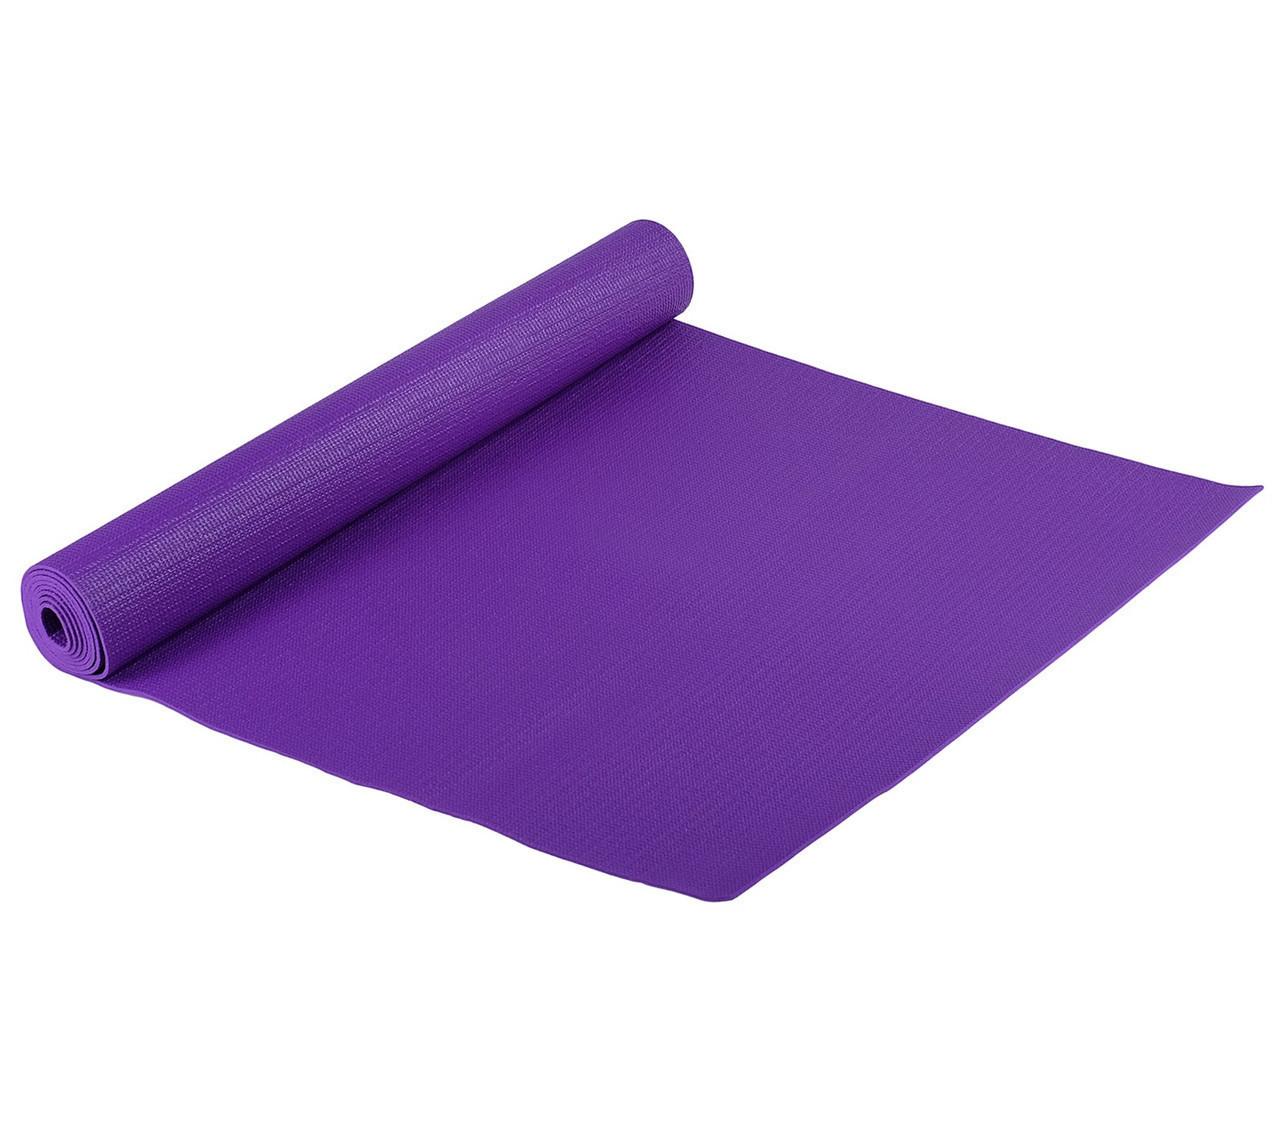 Классический многофункциональный коврик для йоги MS 1846-1 | Фиолетовый